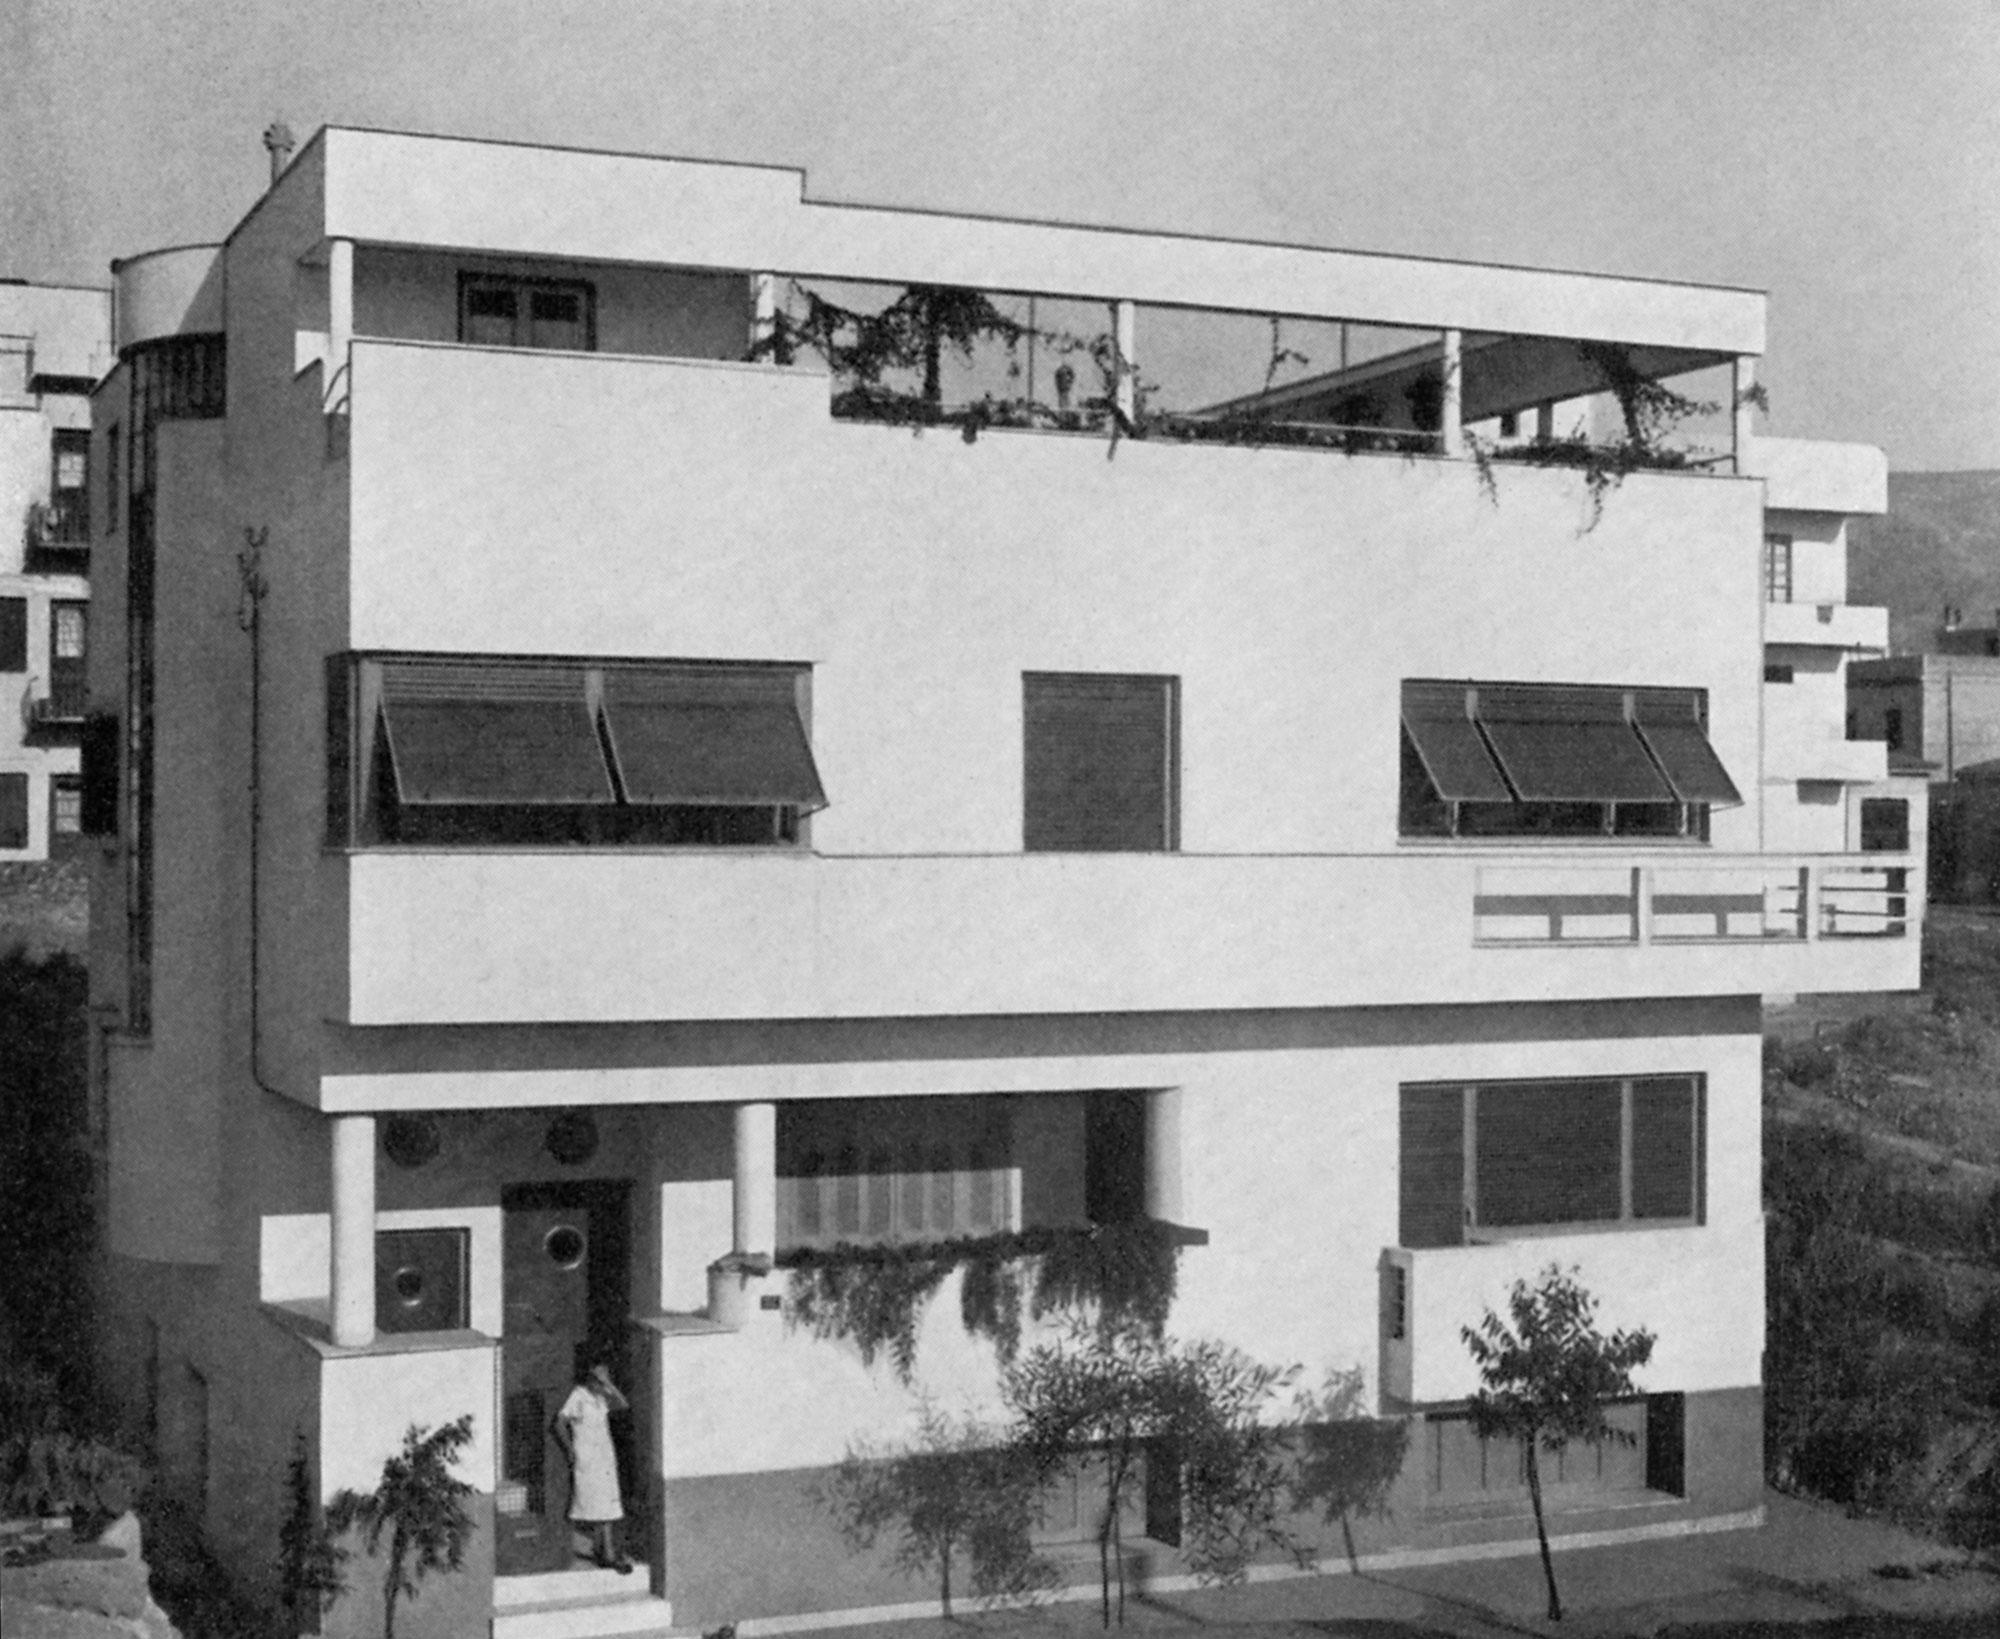 3d89601961 Μοντέρνες απώλειες 01. Κατεδαφισμένα κτίρια του μεσοπολέμου στην Αθήνα